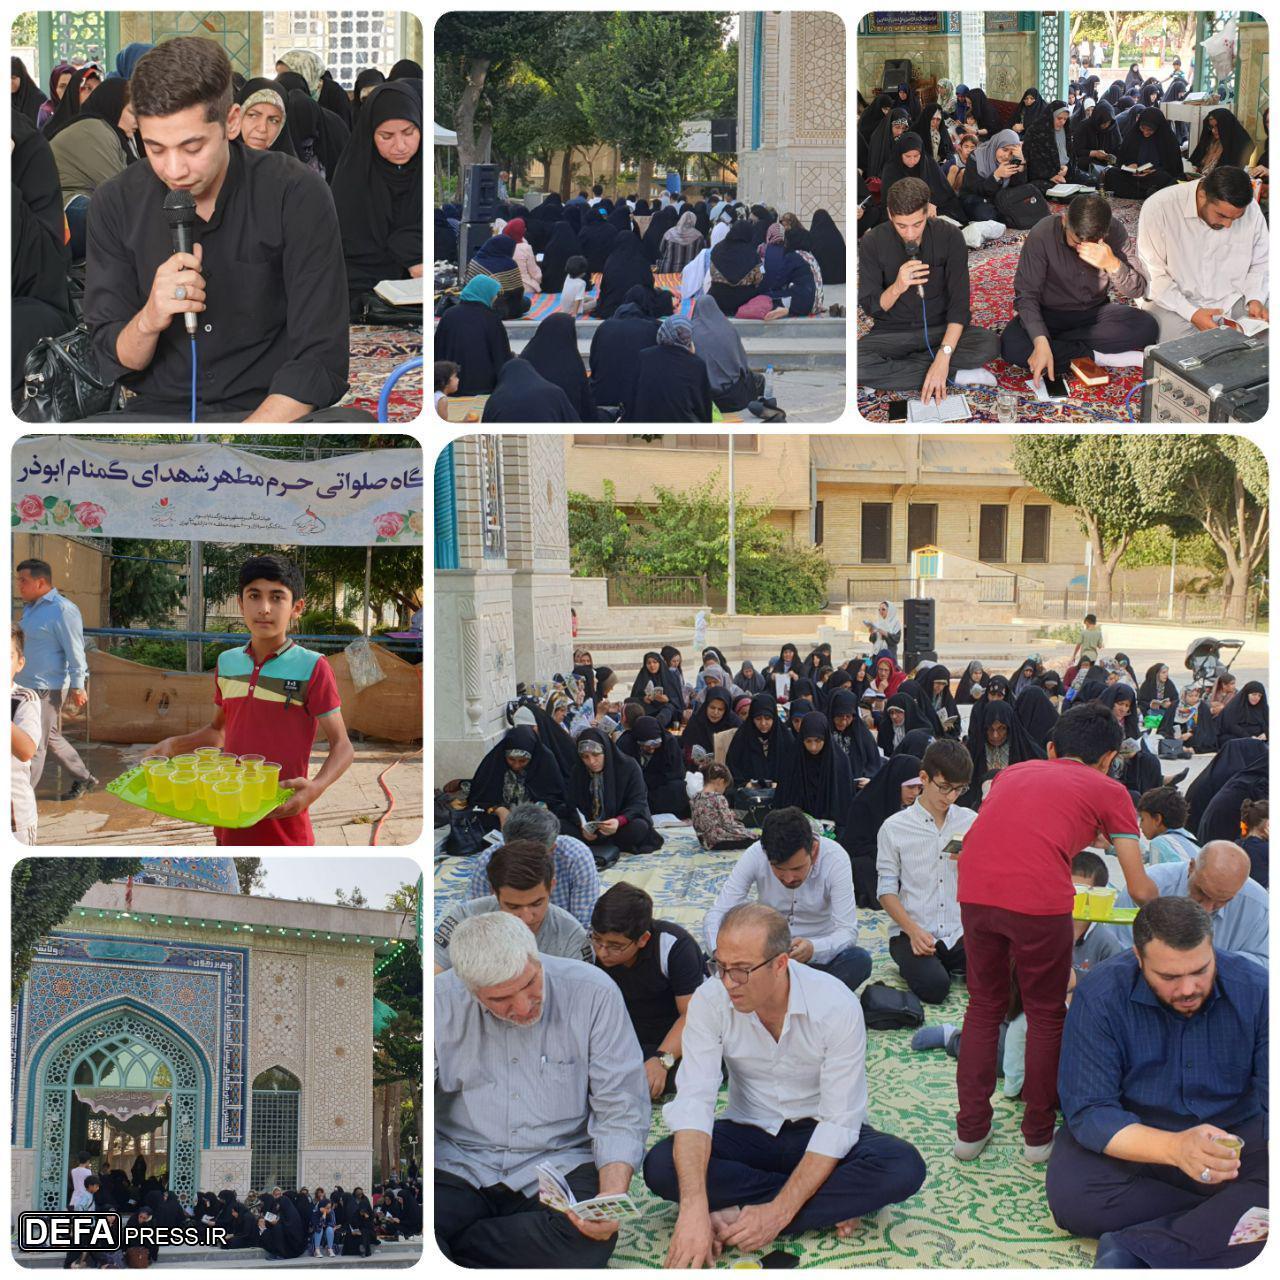 مراسم قرائت دعای عرفه در جوار شهدای گمنام تهران + تصاویر